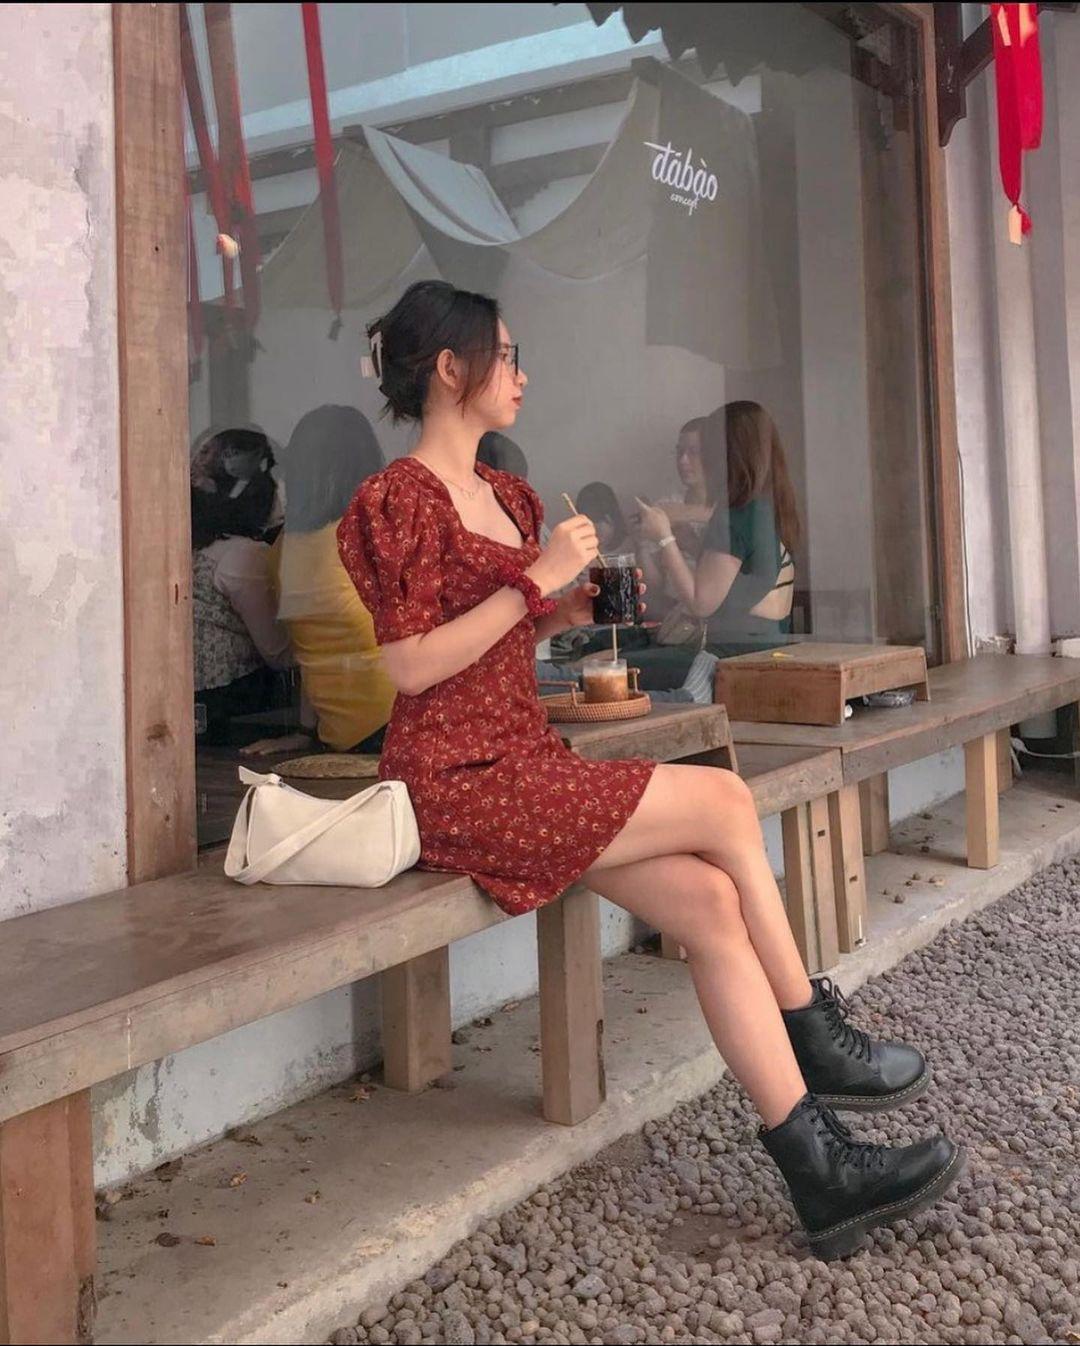 Đầu xuân Hòa Minzy mua váy hoa vintage, chị em muốn xinh như nàng thơ nên bắt chước - Ảnh 5.